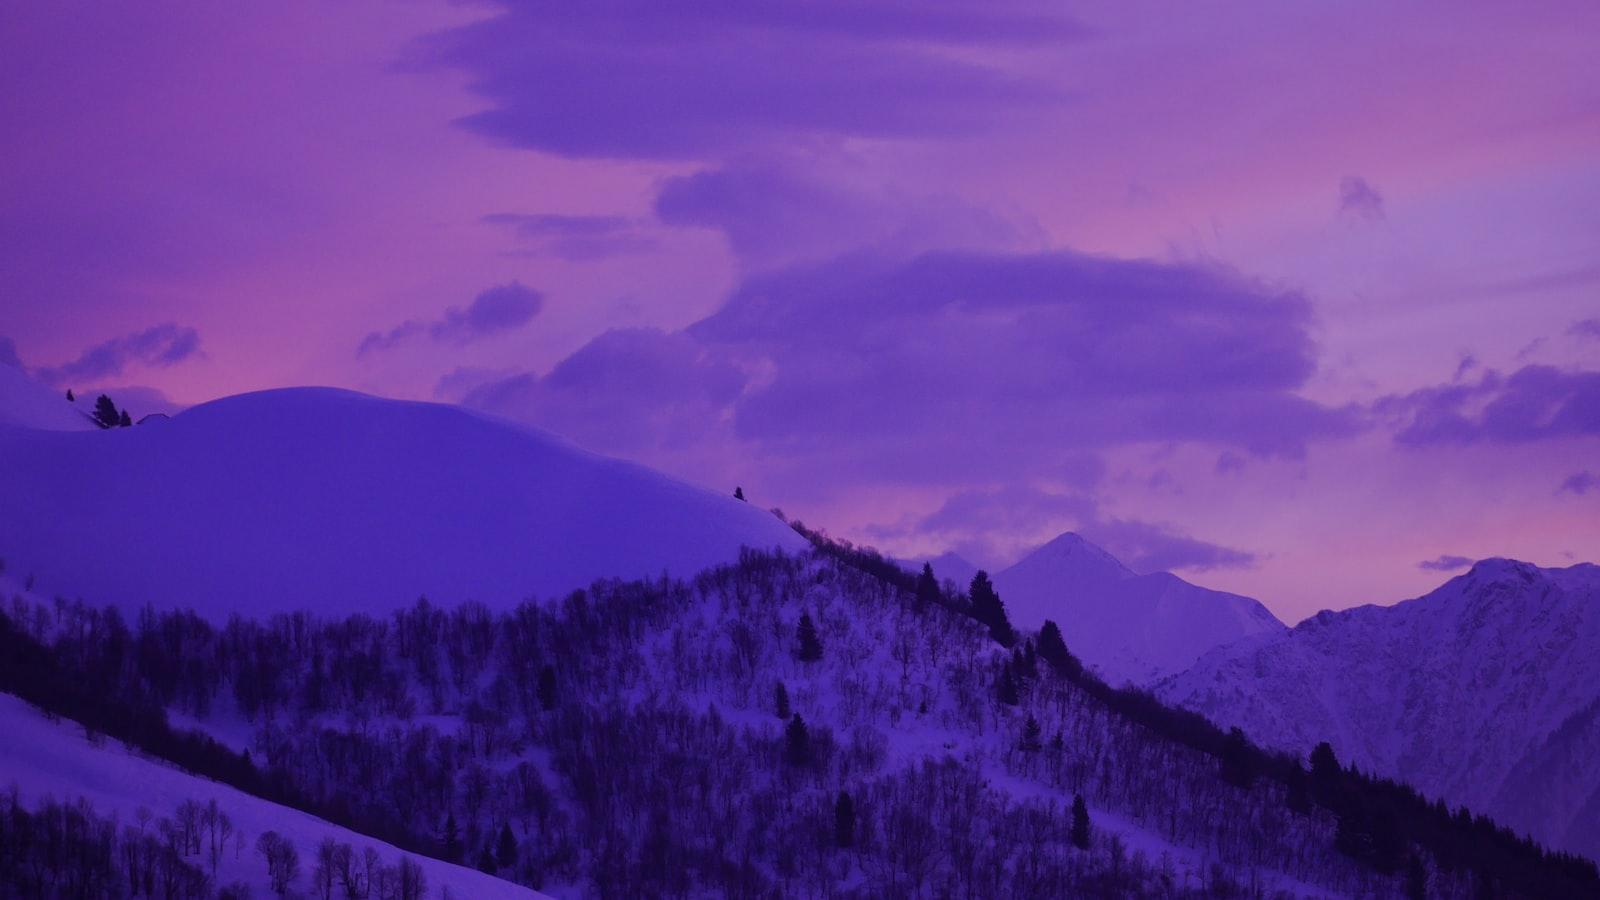 white and gray mountain